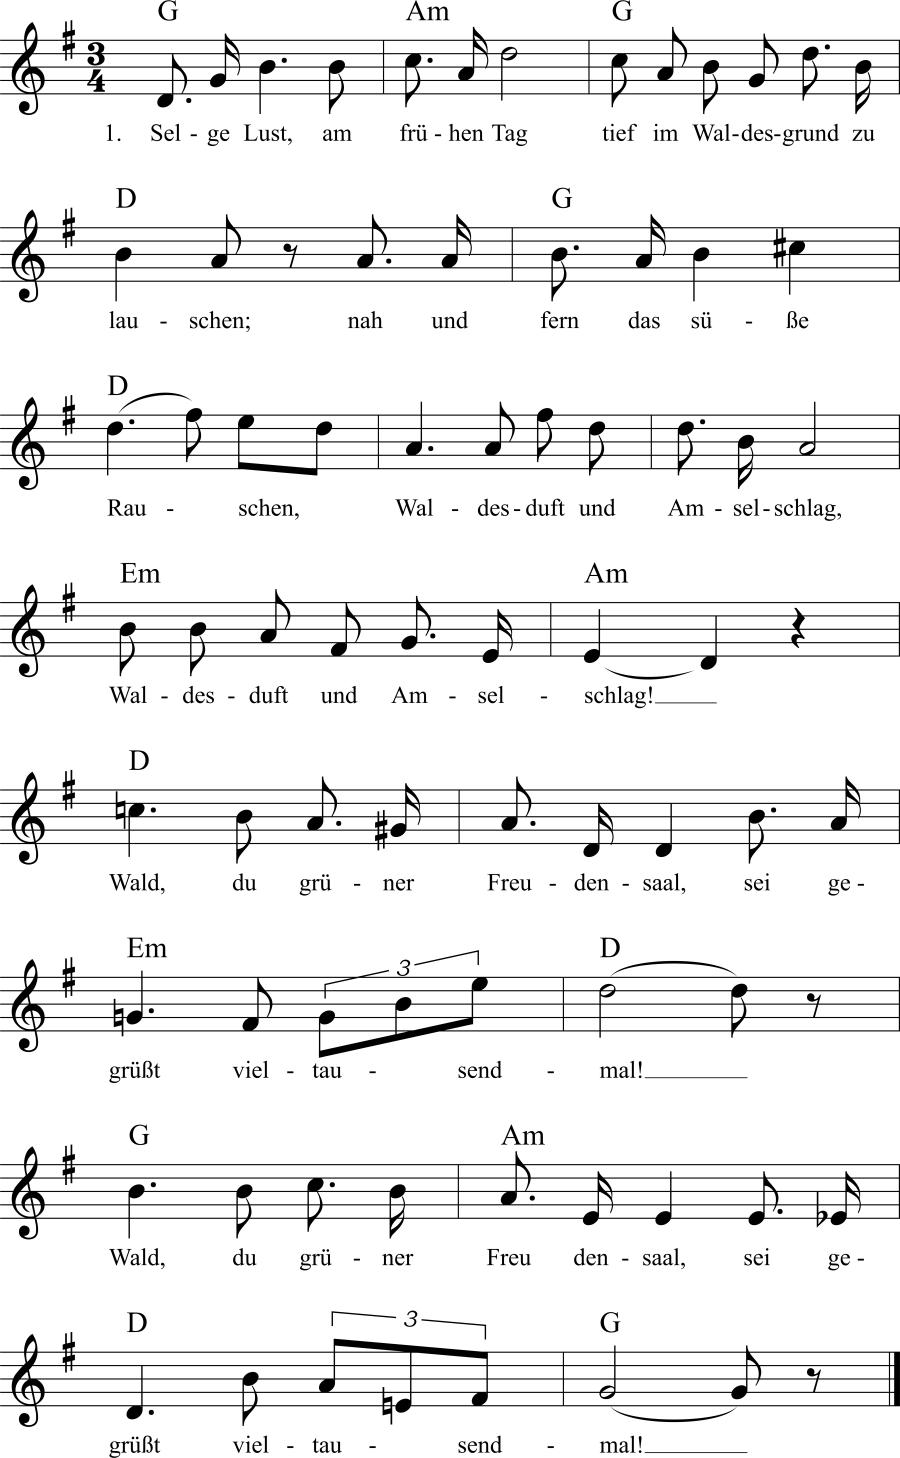 Musiknoten zum Lied Tief im Waldesgrund